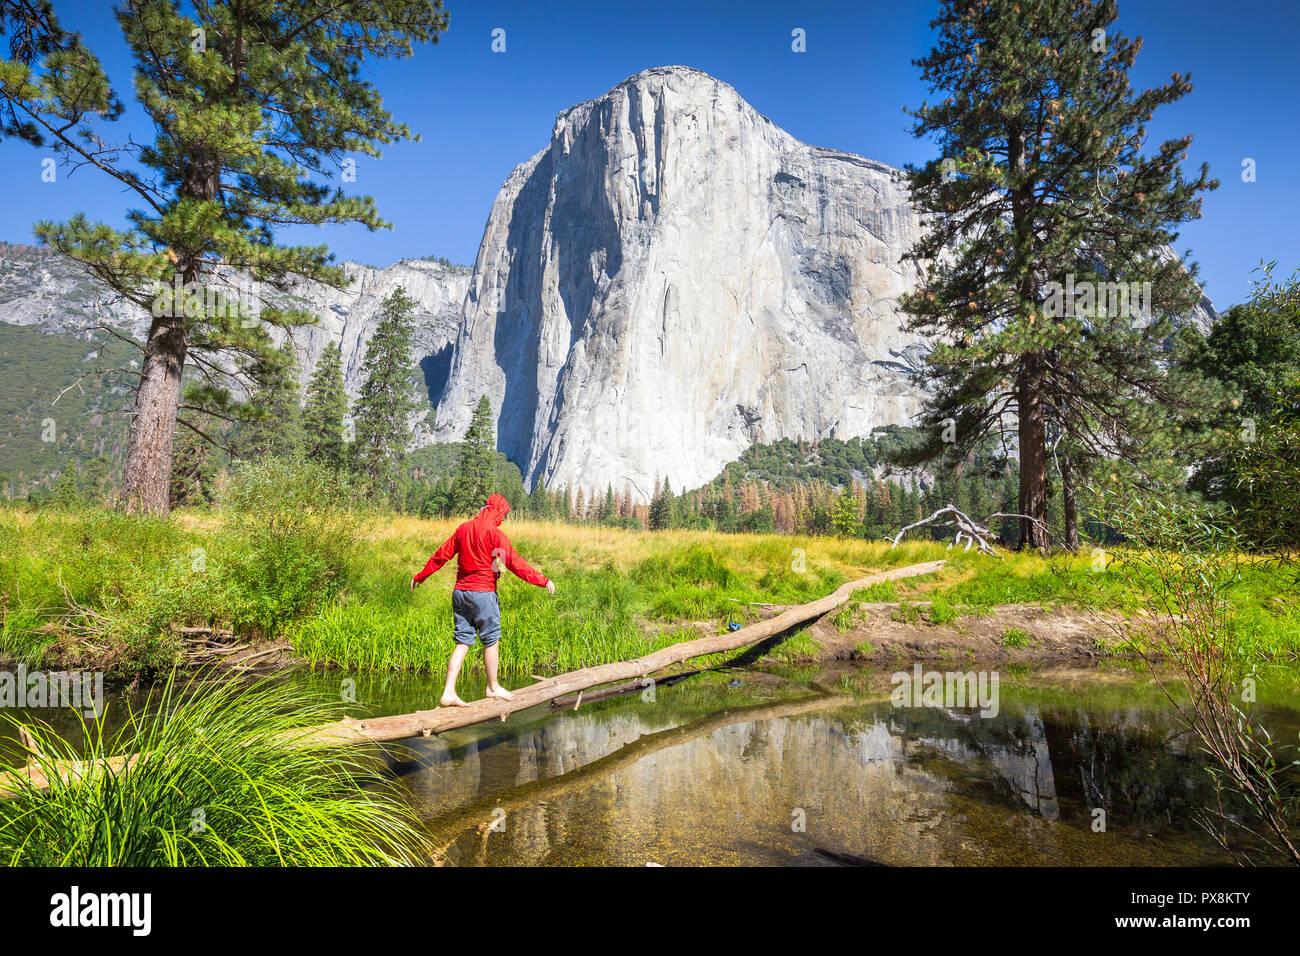 Ein Wanderer ist ausgleichend auf einen umgestürzten Baum mit einem Nebenfluss des Merced River vor der berühmten El Capitan klettern Gipfel im malerischen Yosemite Valley Stockbild